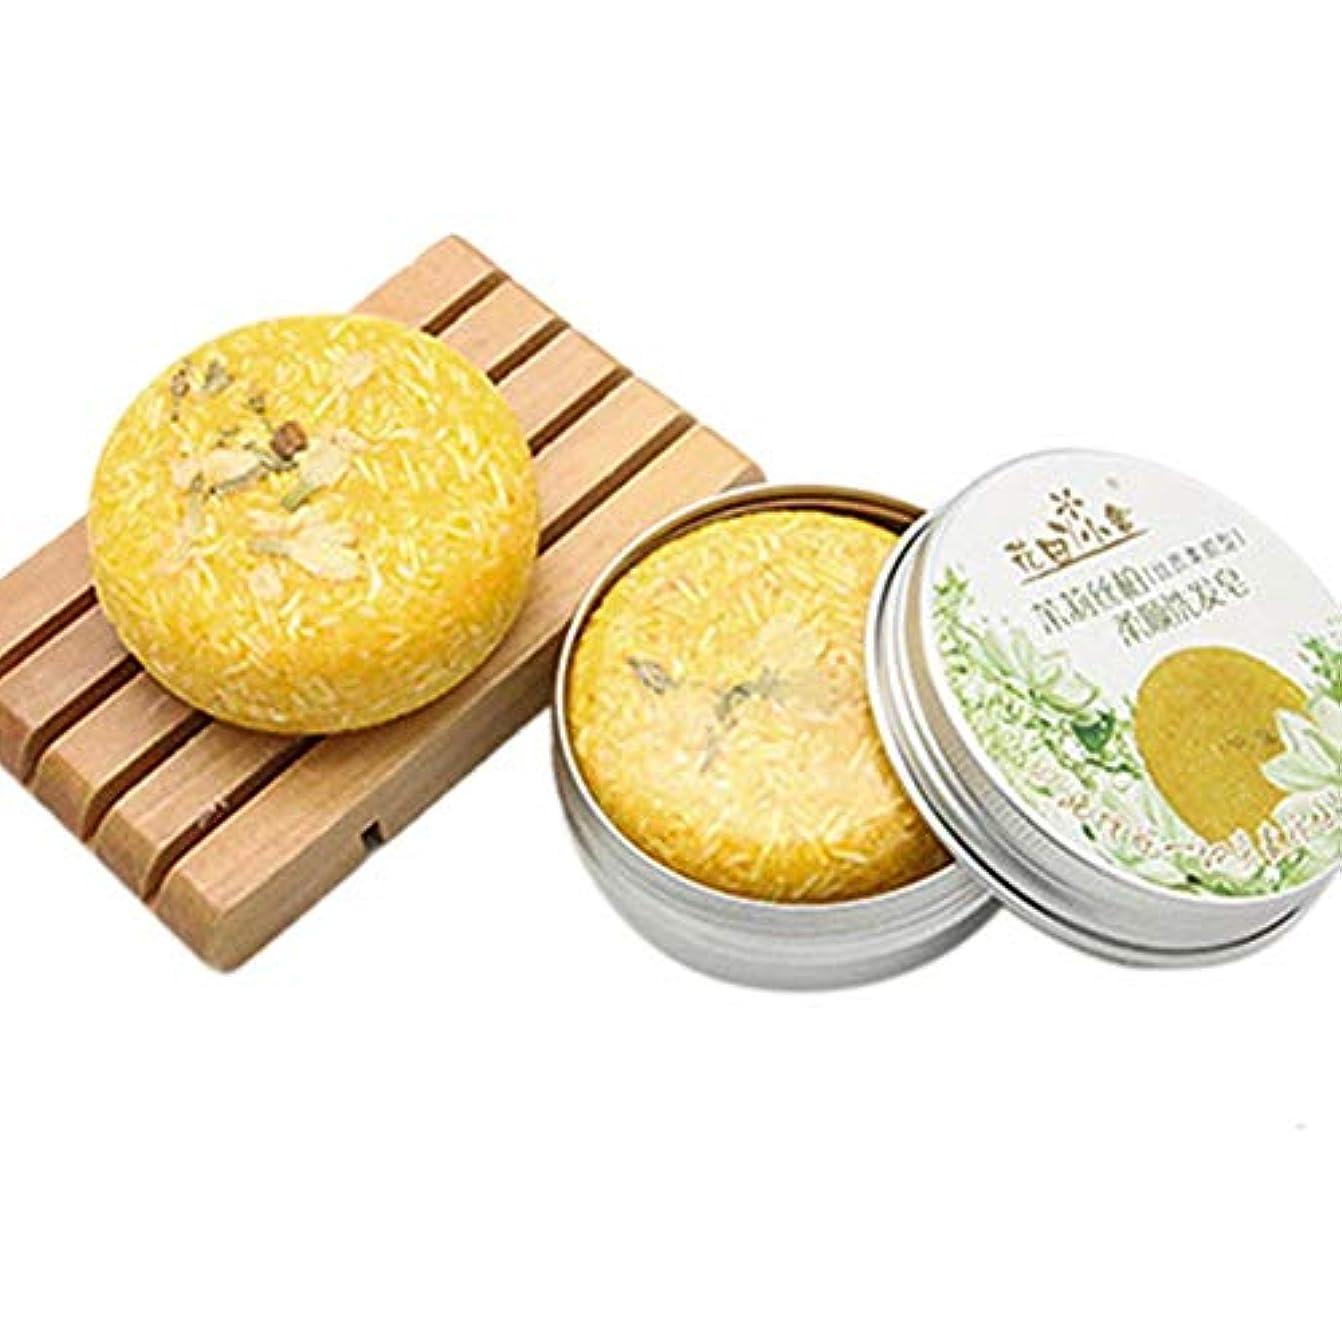 私たちのものレモン巡礼者ローズマリーシャンプー石鹸、スカルプラベンダー植物油ヘアケアシャンプー、アルミボックス包装